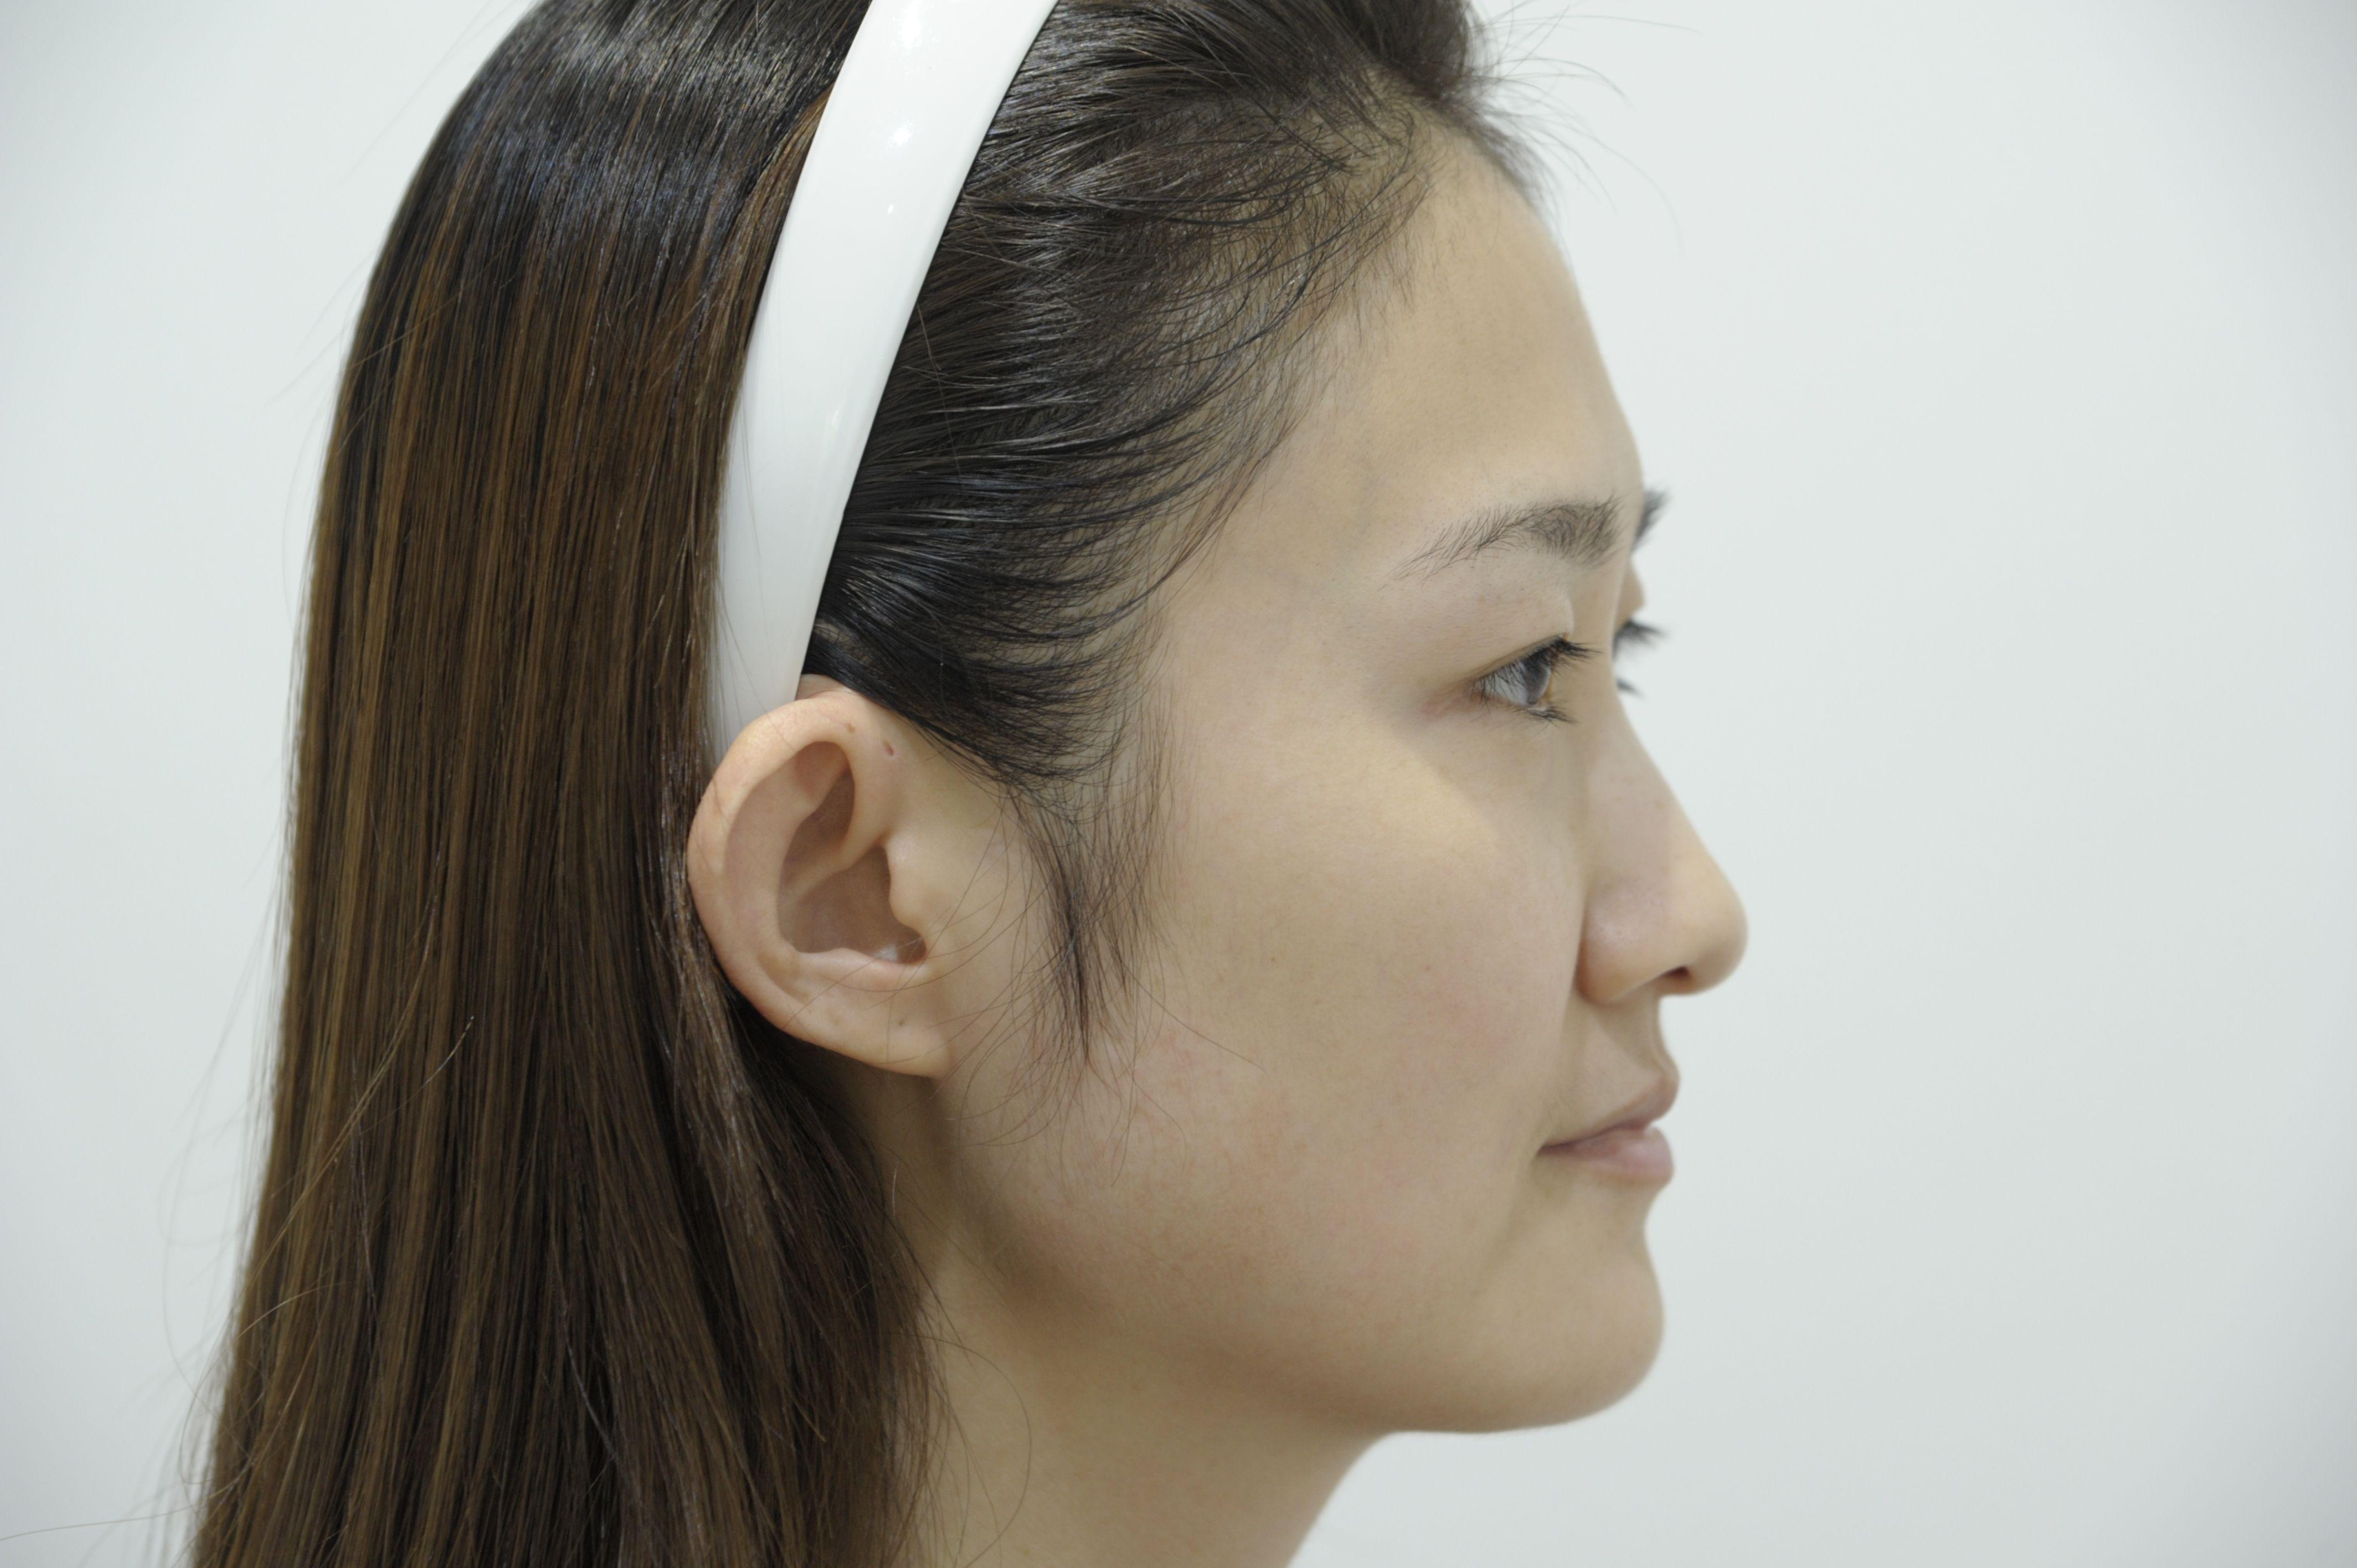 皮肤比以前通透了很多,之前的色斑开始有一点点微微的浮上来,医生说这是正常的,过几天就会被皮肤代谢掉了!所以好期待之后皮肤会慢慢变好哦!做完激光祛斑术后一定要记得涂防晒,不管化不化妆,因为激光做了以后皮肤会更容易吸收紫外线之类的。